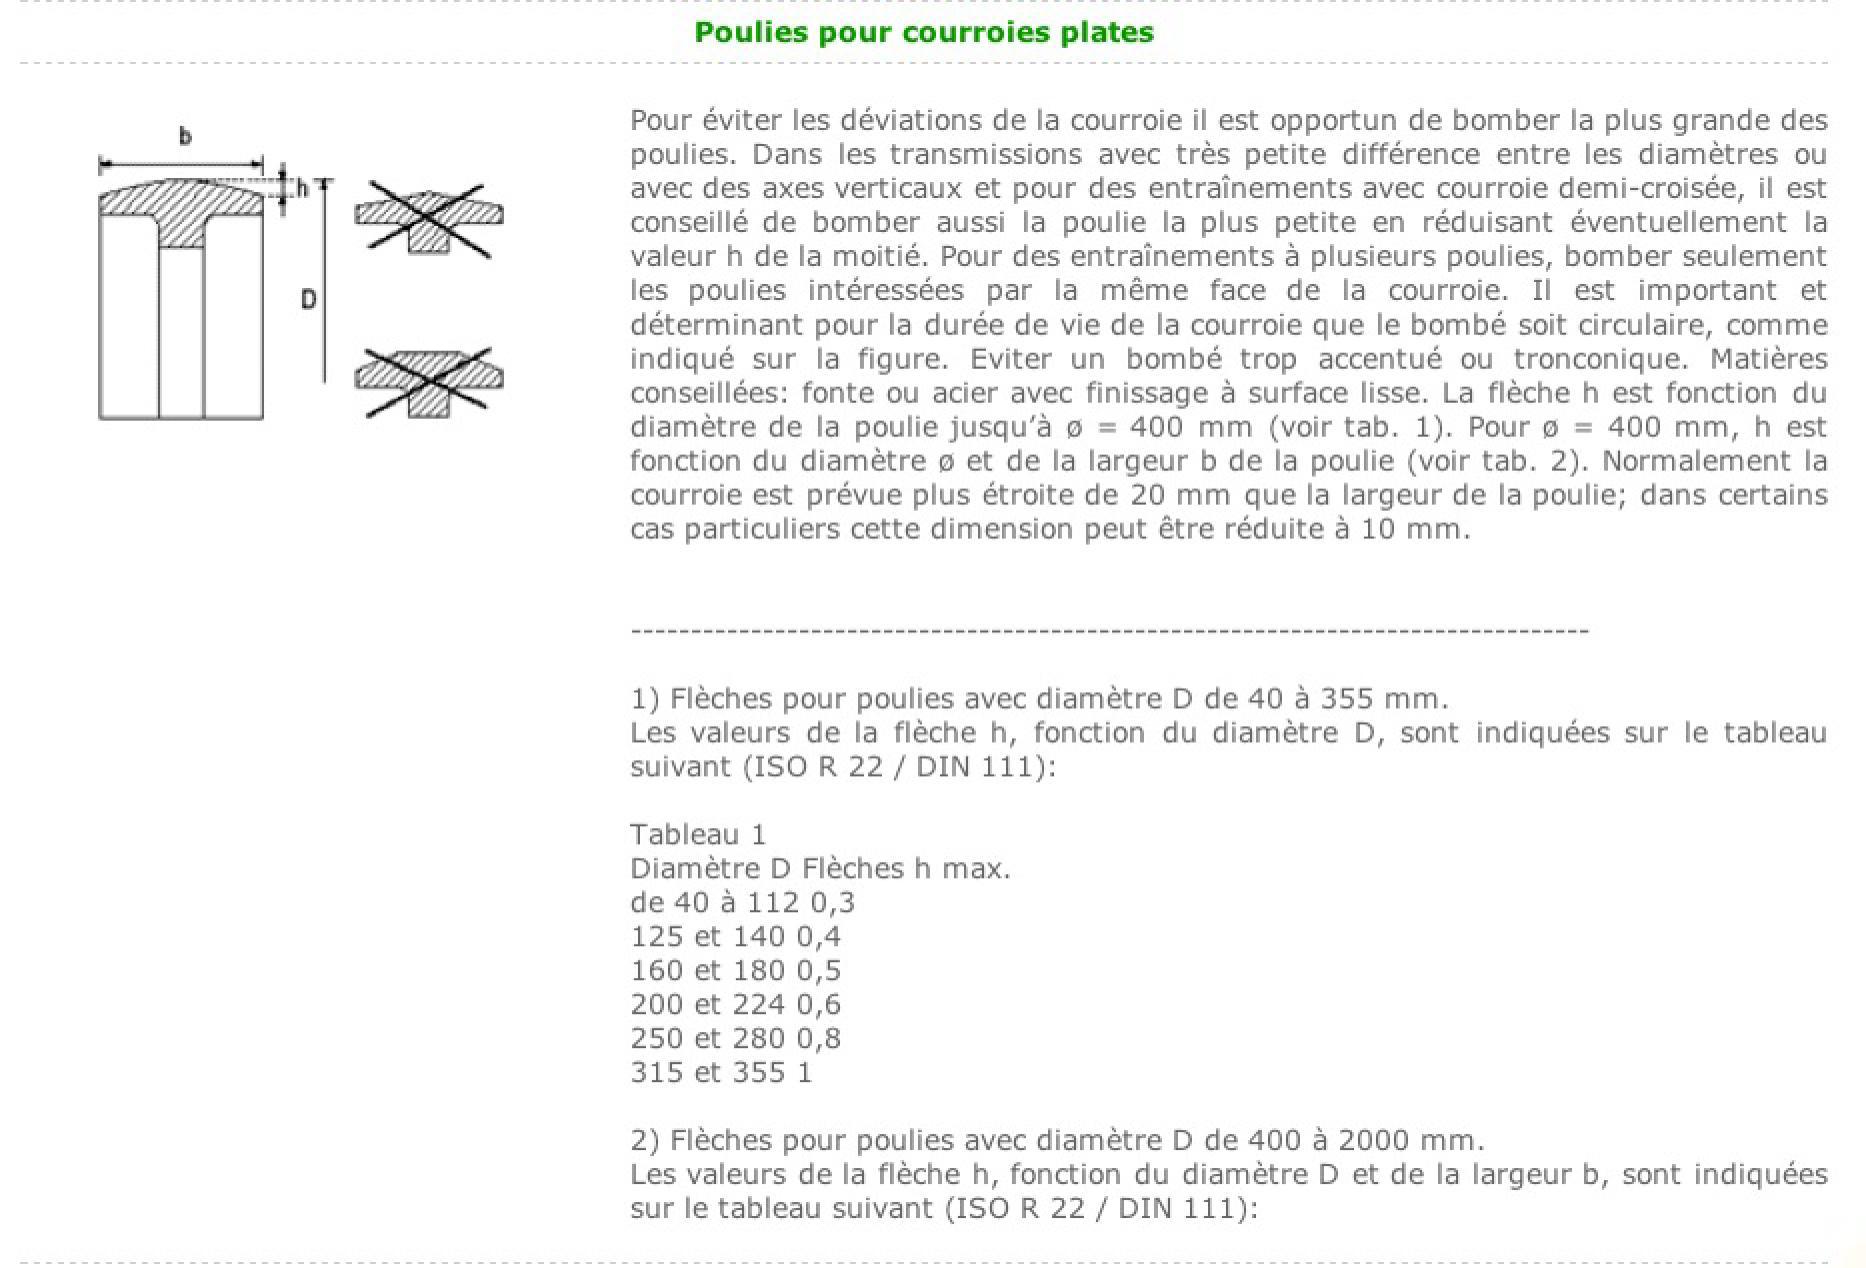 Mémo poulies et courroies (+ calcul de rapport de poulies) Uw117